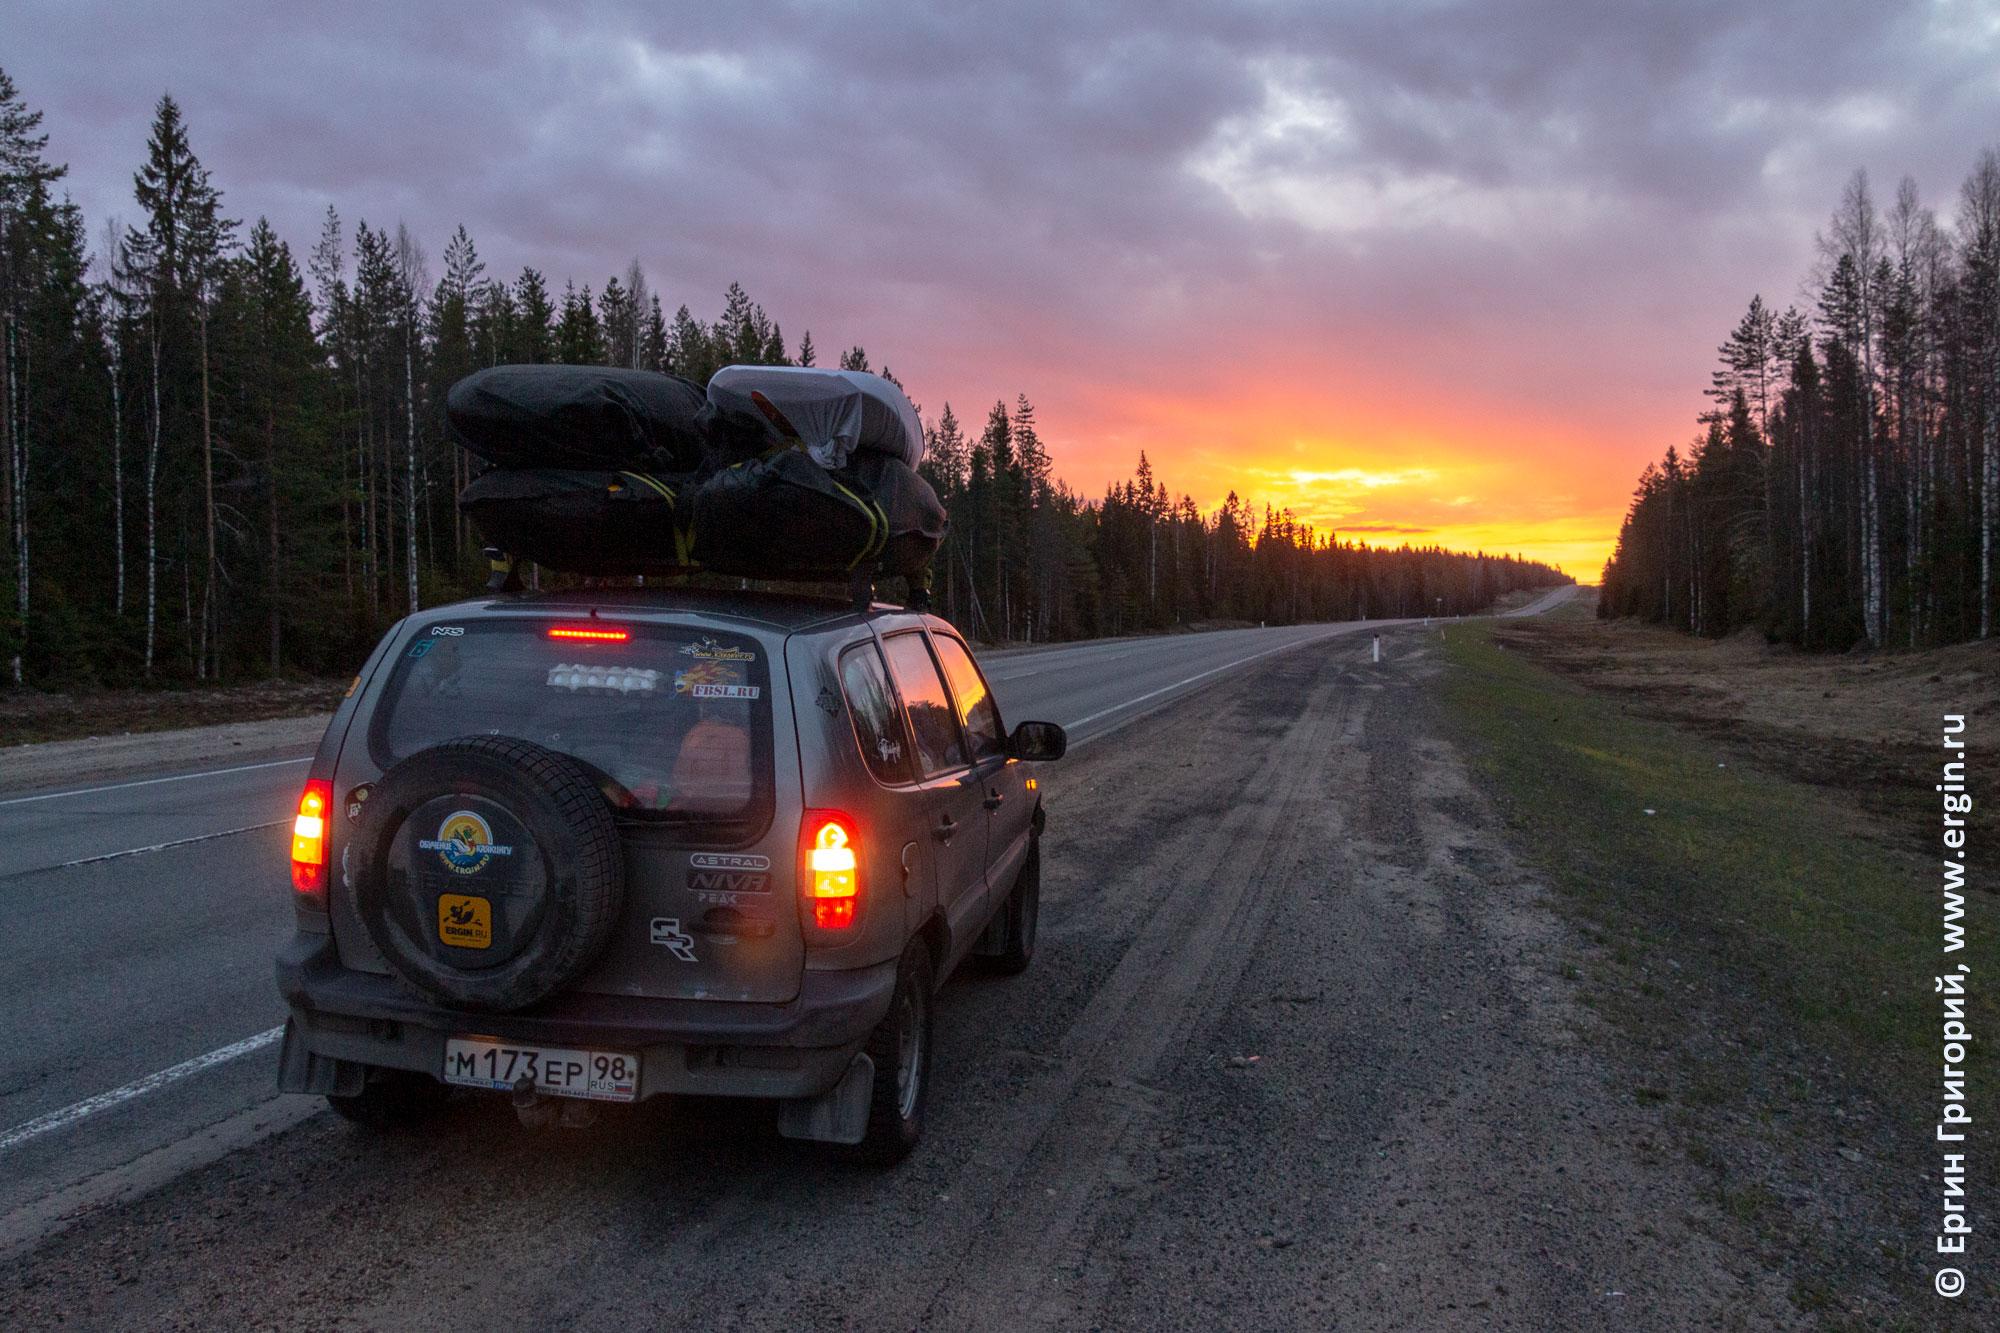 Путешествие на машине с каяками: встречаем рассвет в дороге